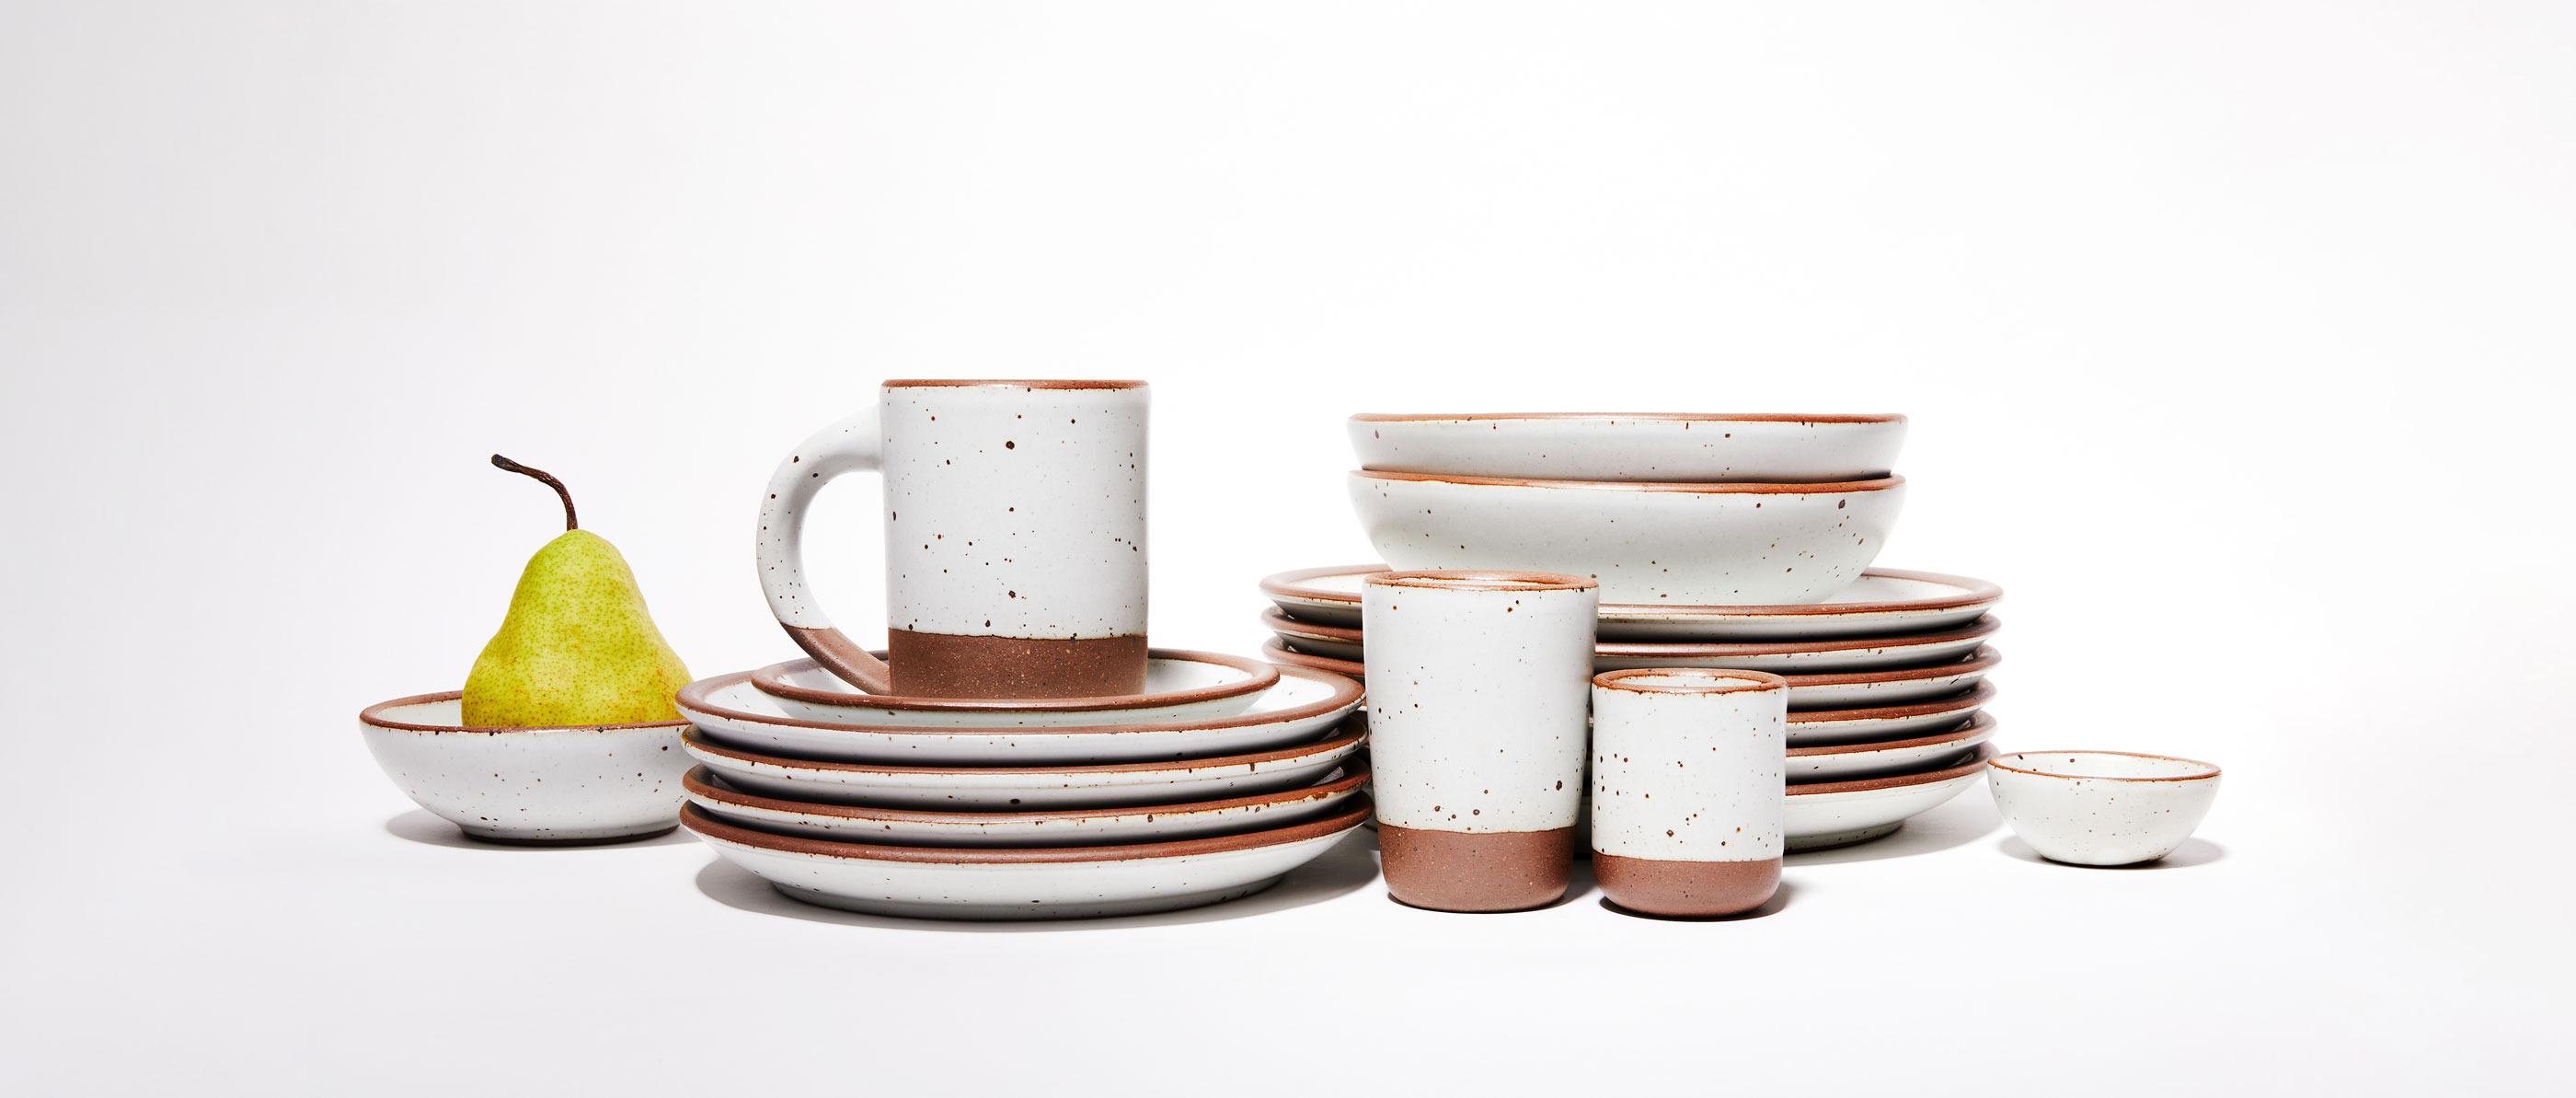 East Fork pots glazed in Eggshell white